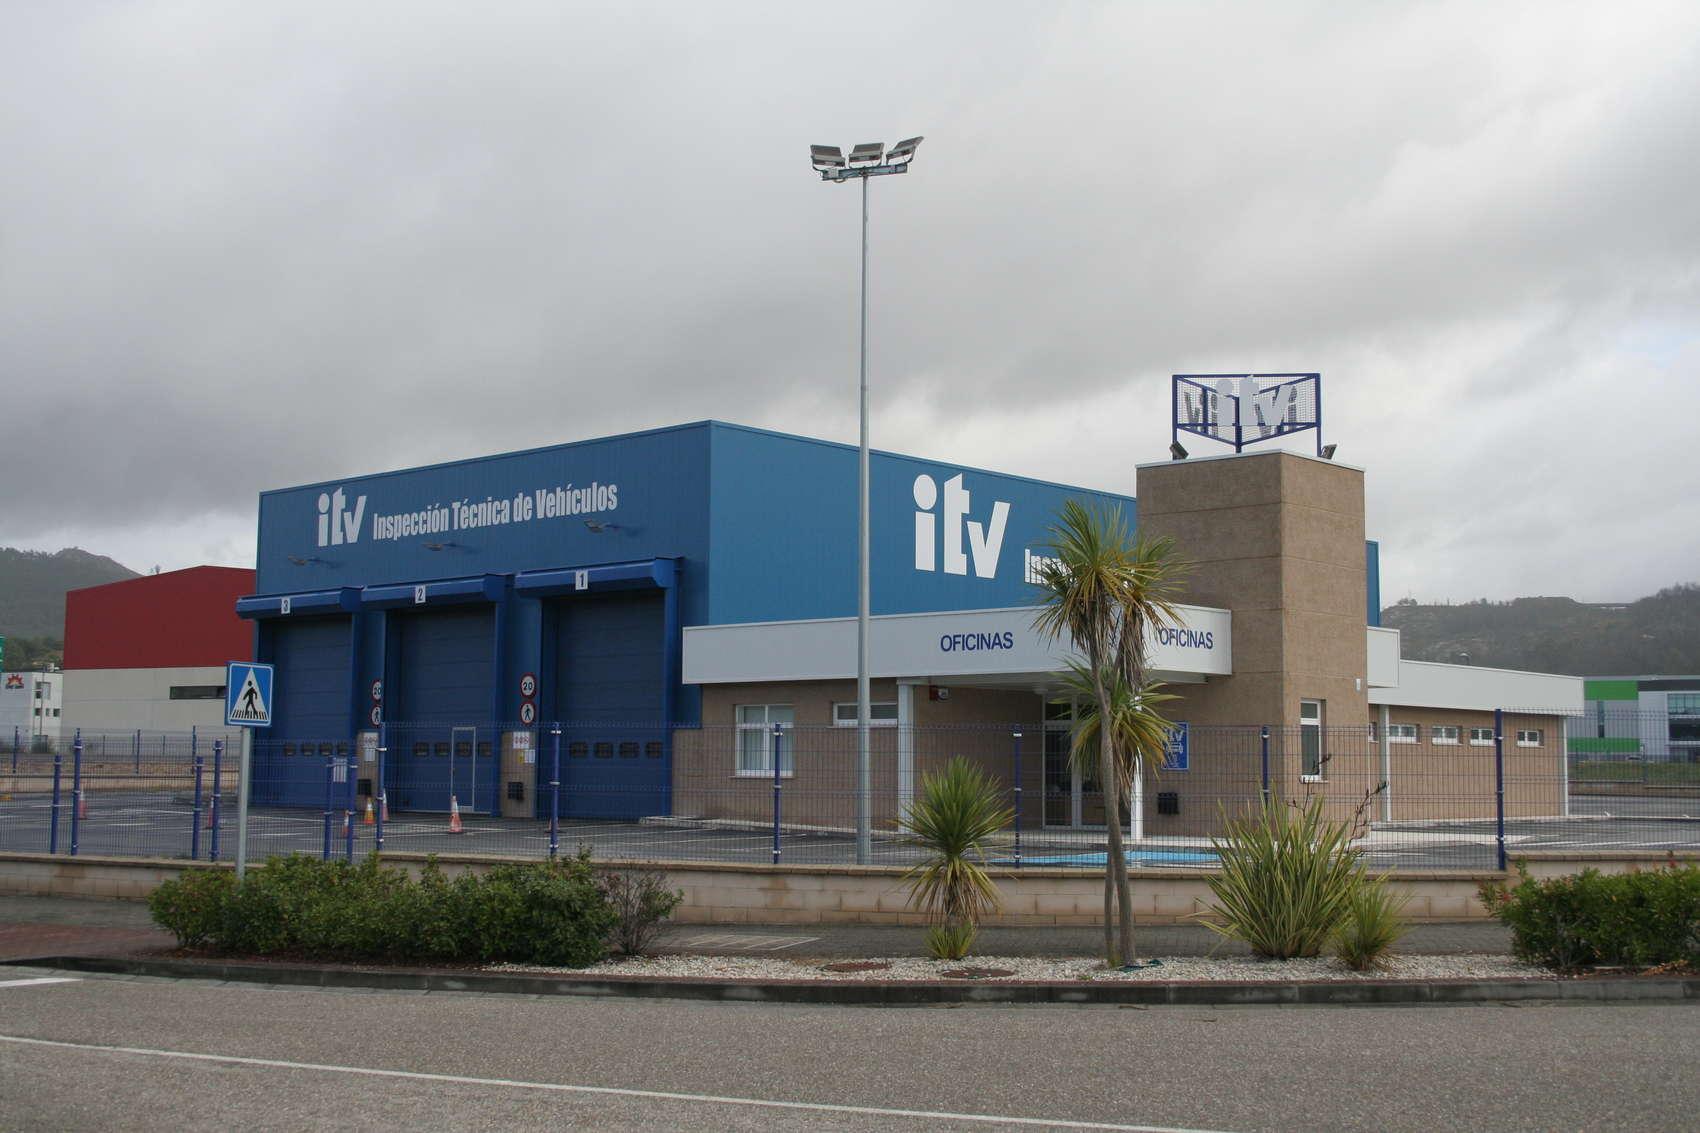 Centro ITV